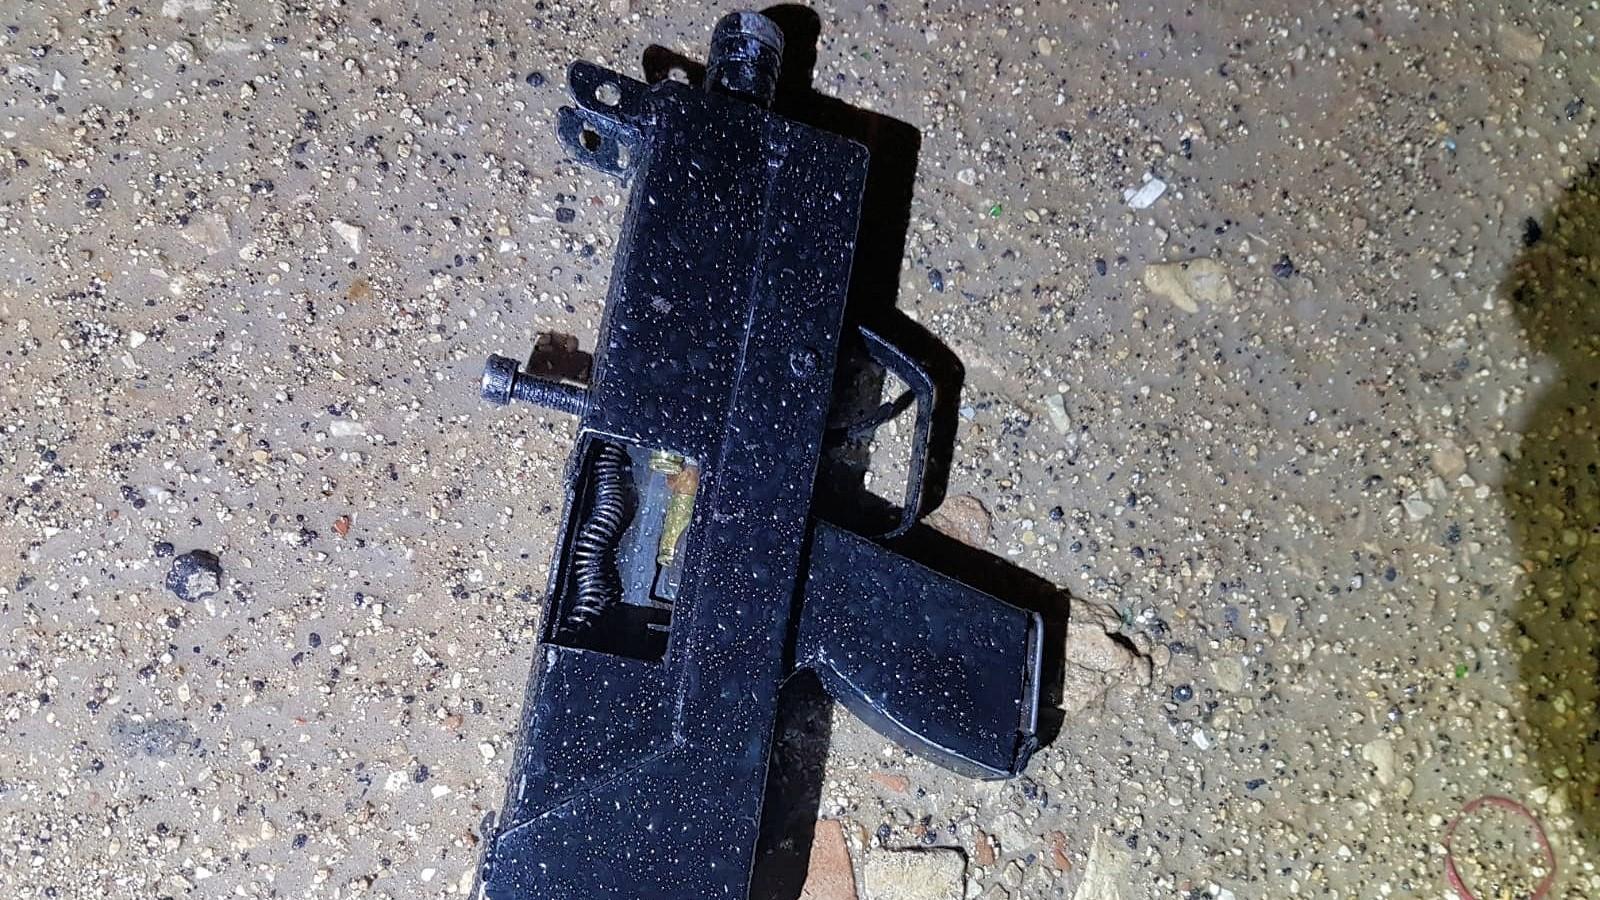 תת מקלע ומחסנית: נעצר חשוד בירי בלוד